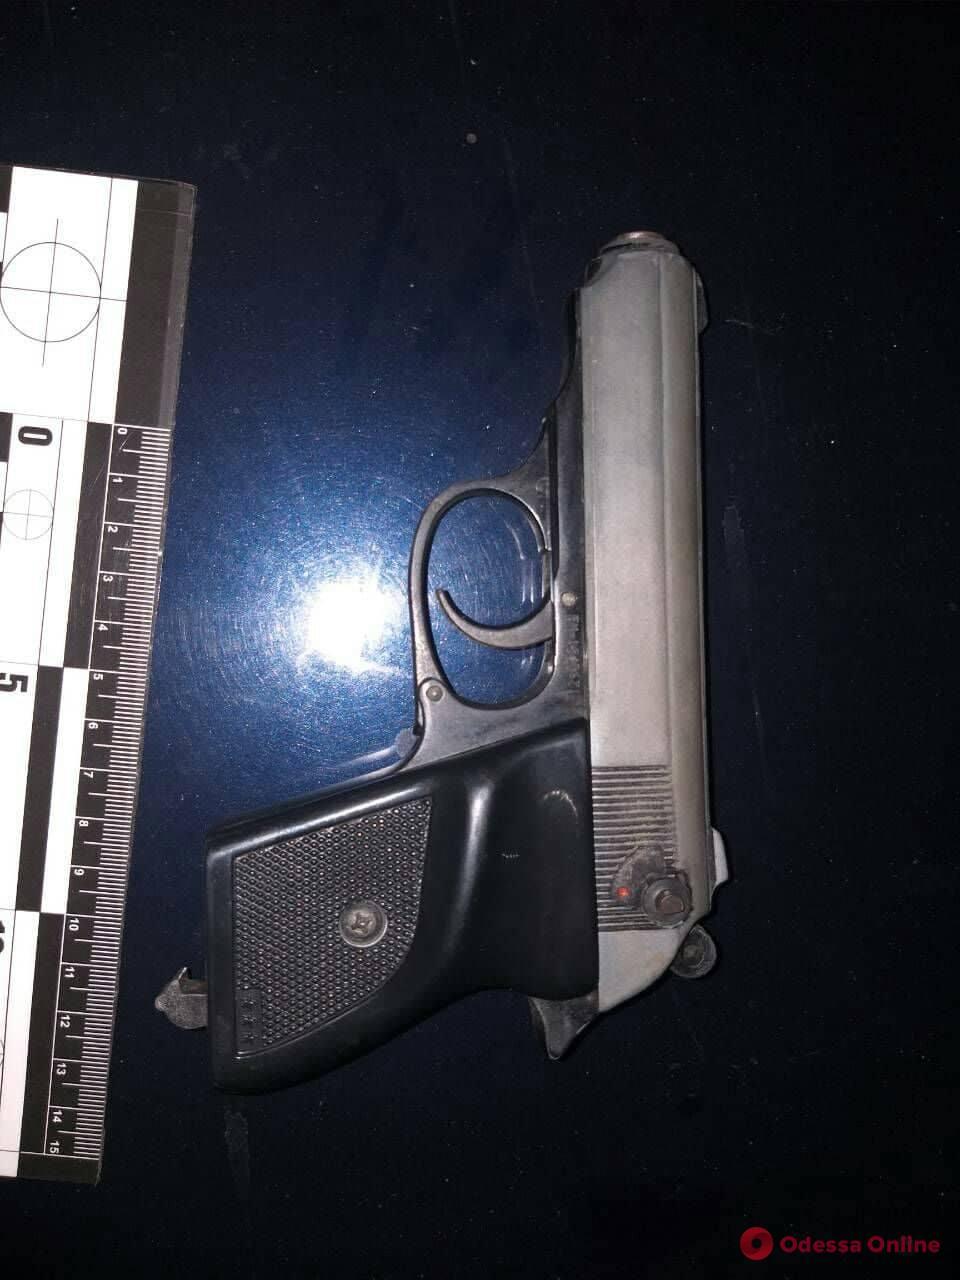 В Одессе задержали подозрительного парня с пистолетом